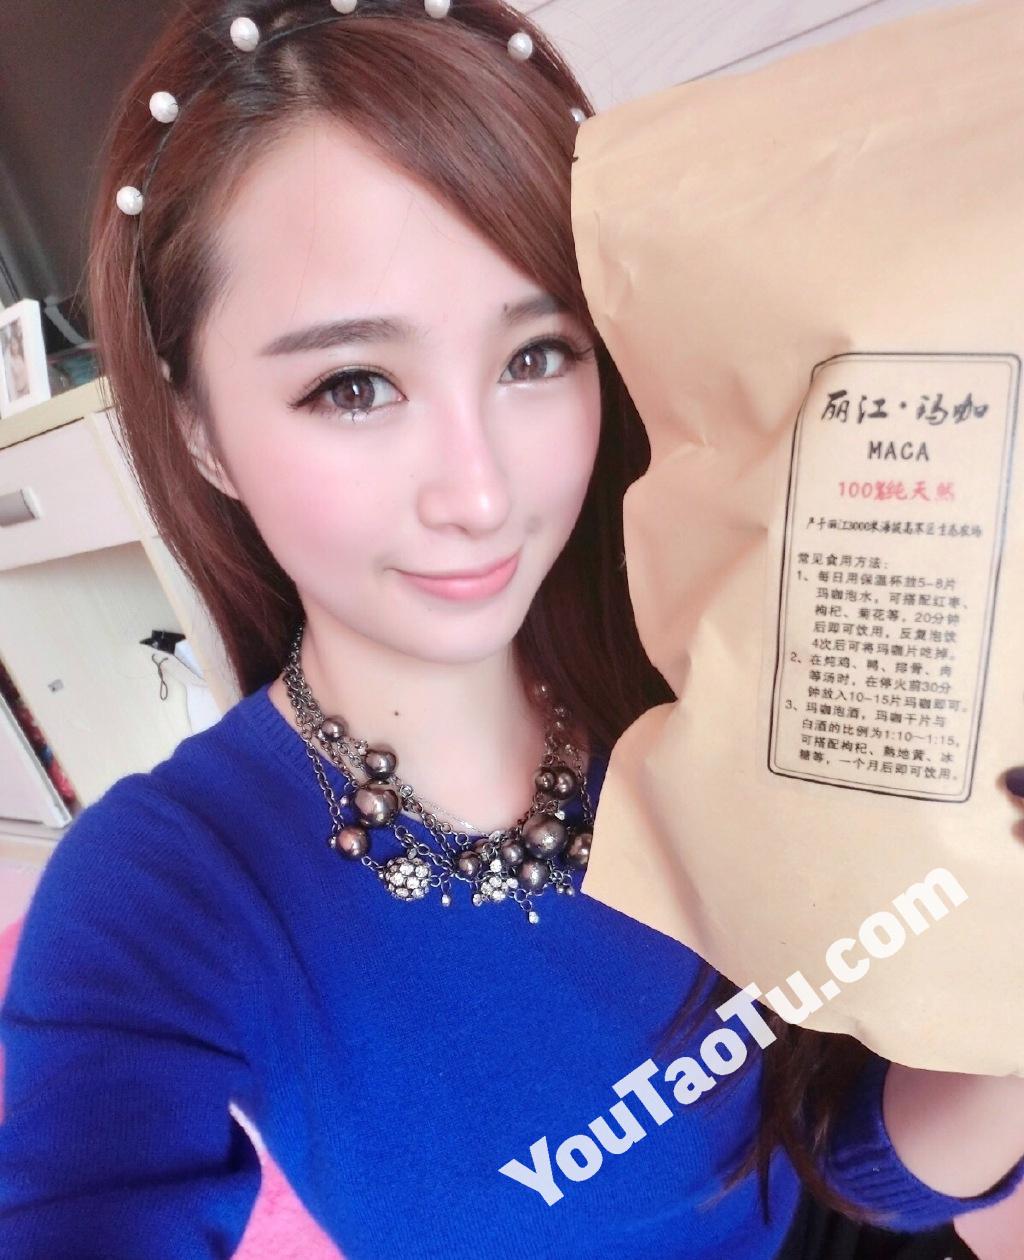 KK29 490张 可爱时尚美女真实生活照-8